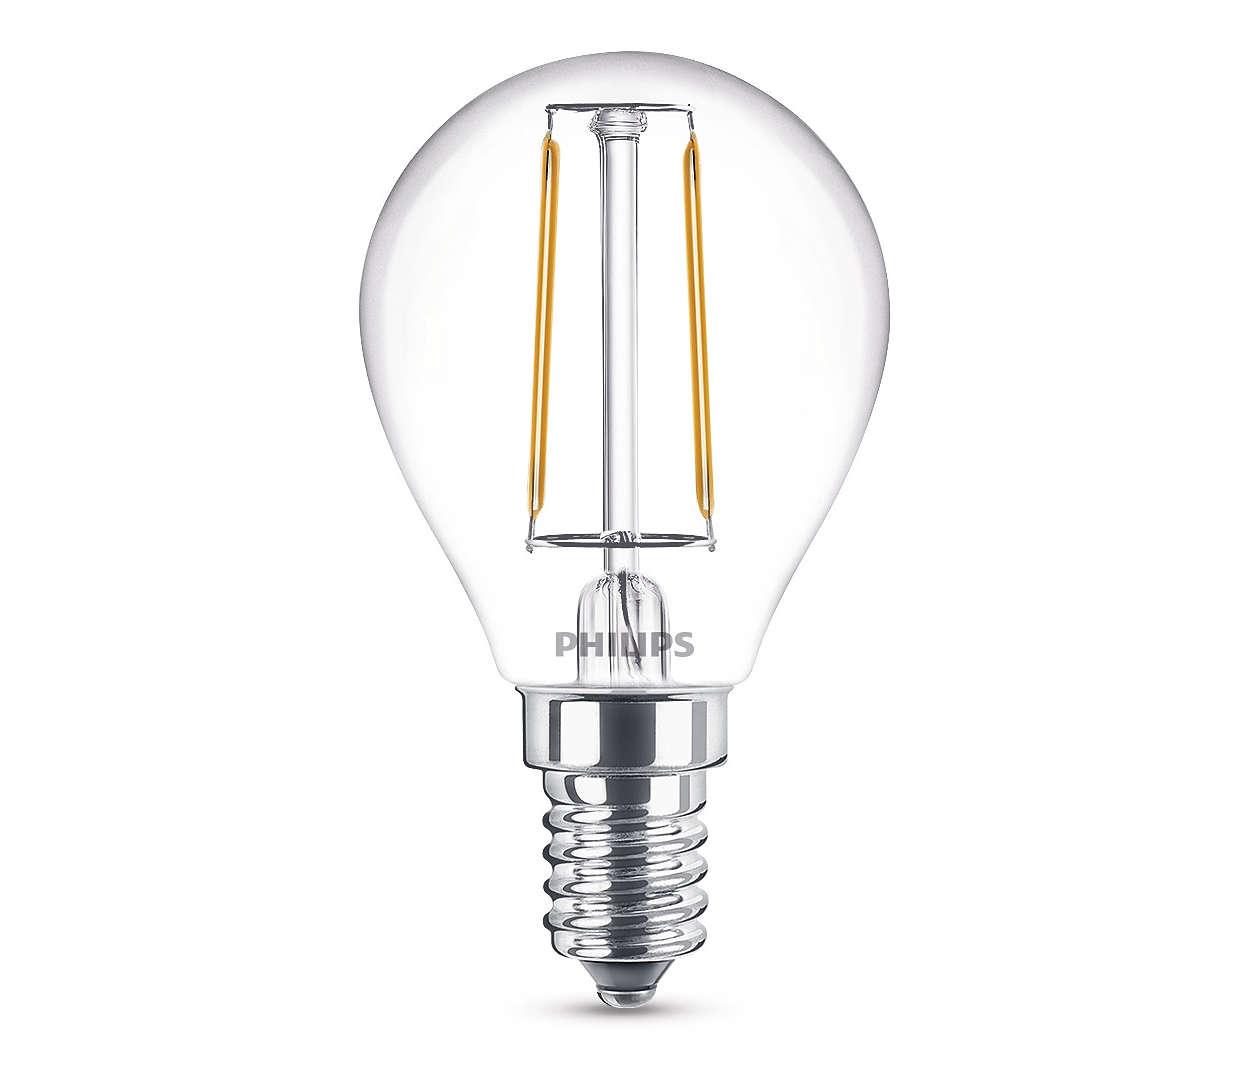 Modifiez l'éclairage sans changer d'ampoule